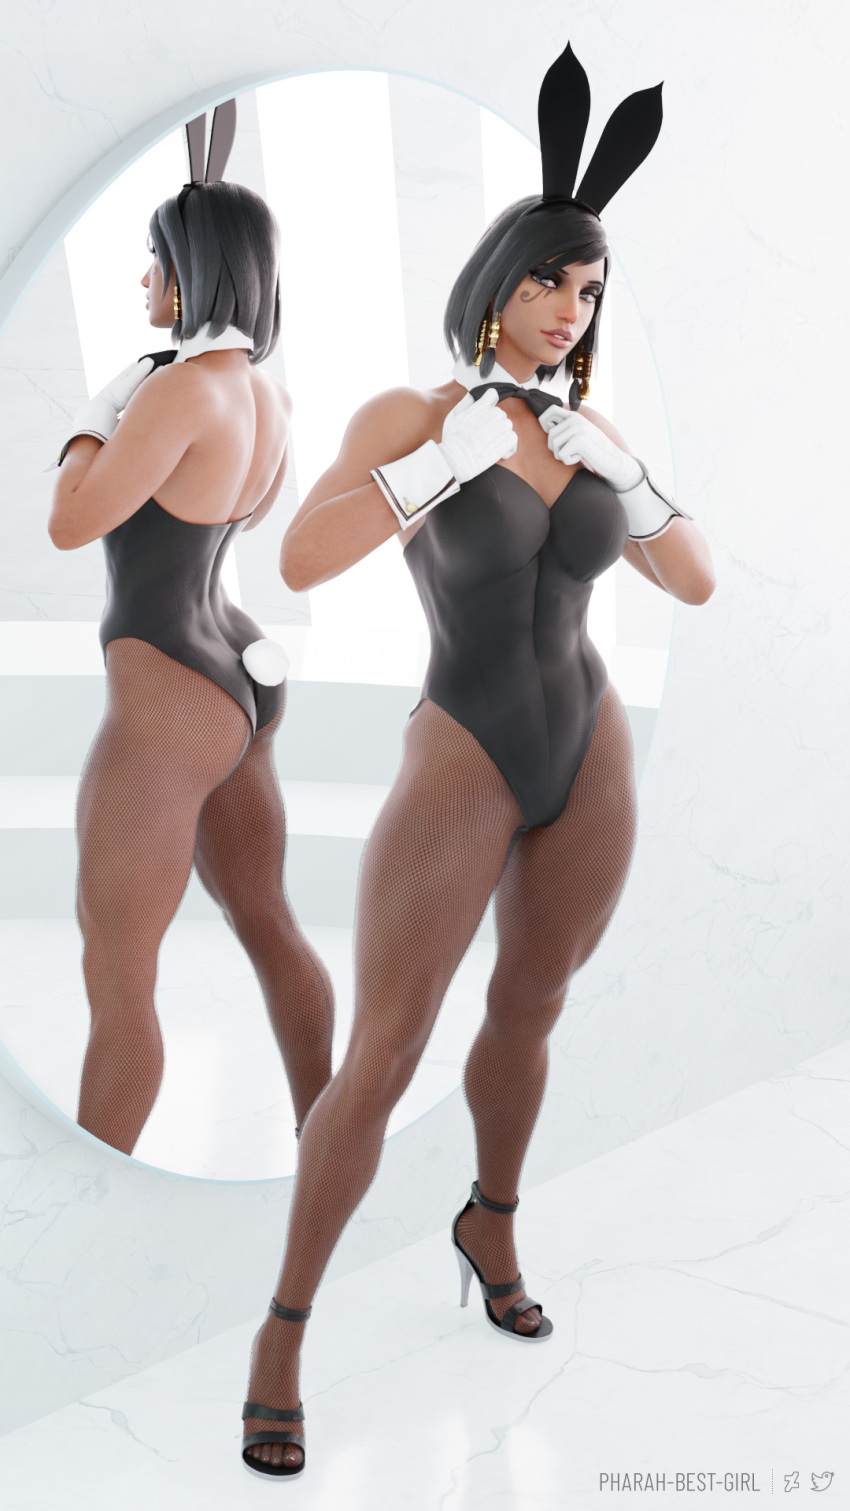 overwatch-sex-art-–-gloves,-abs,-egyptian,-pharah-best-girl,-female-pubic-hair,-black-hair.